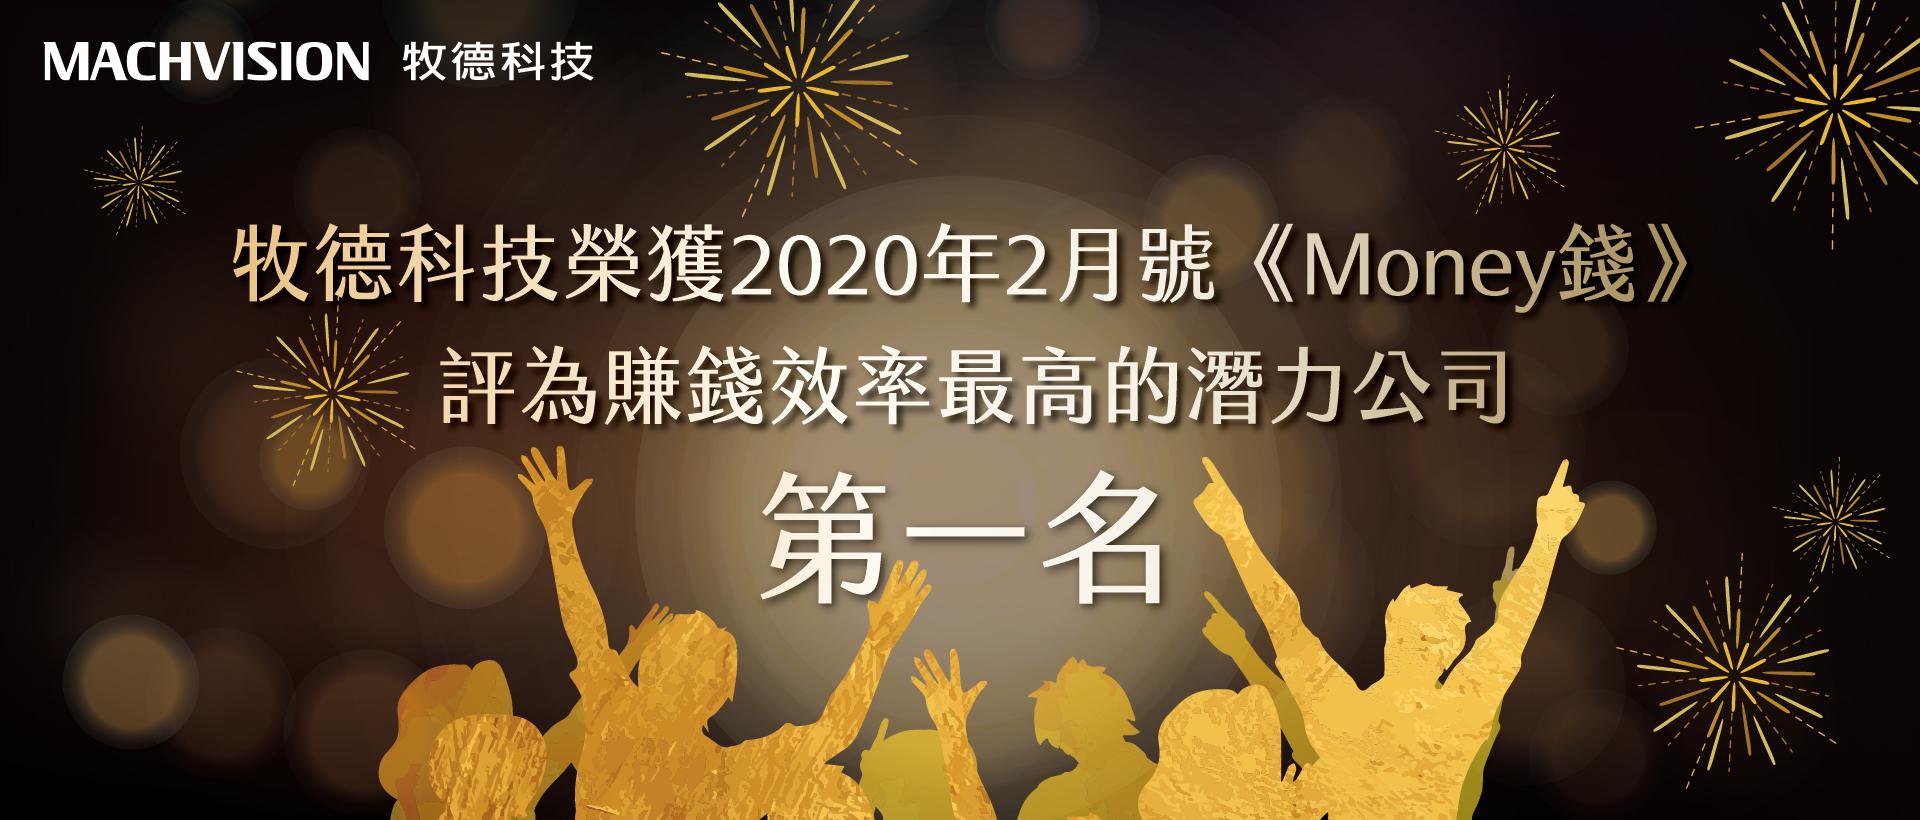 20200225-01.jpg